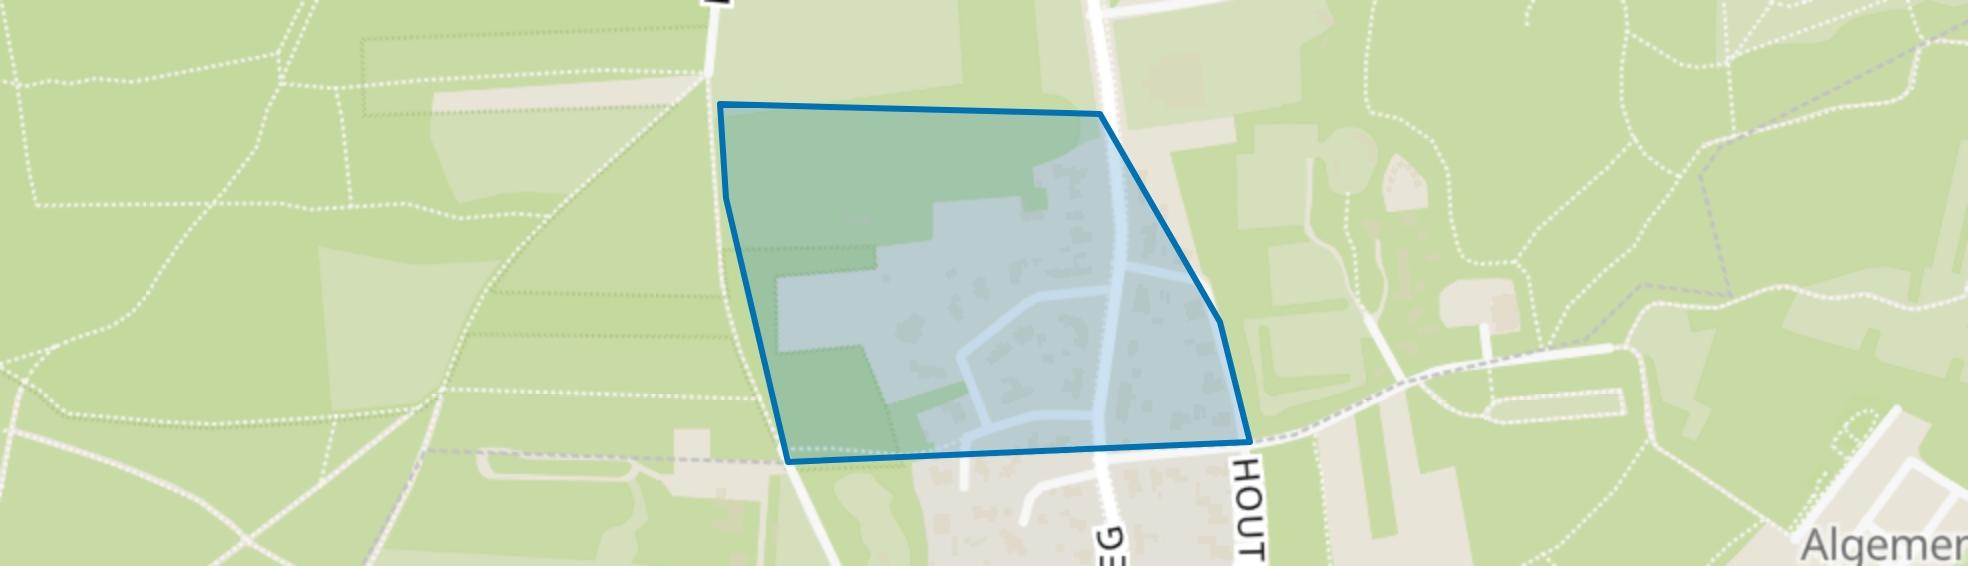 Huizerhoogt, Huizen map